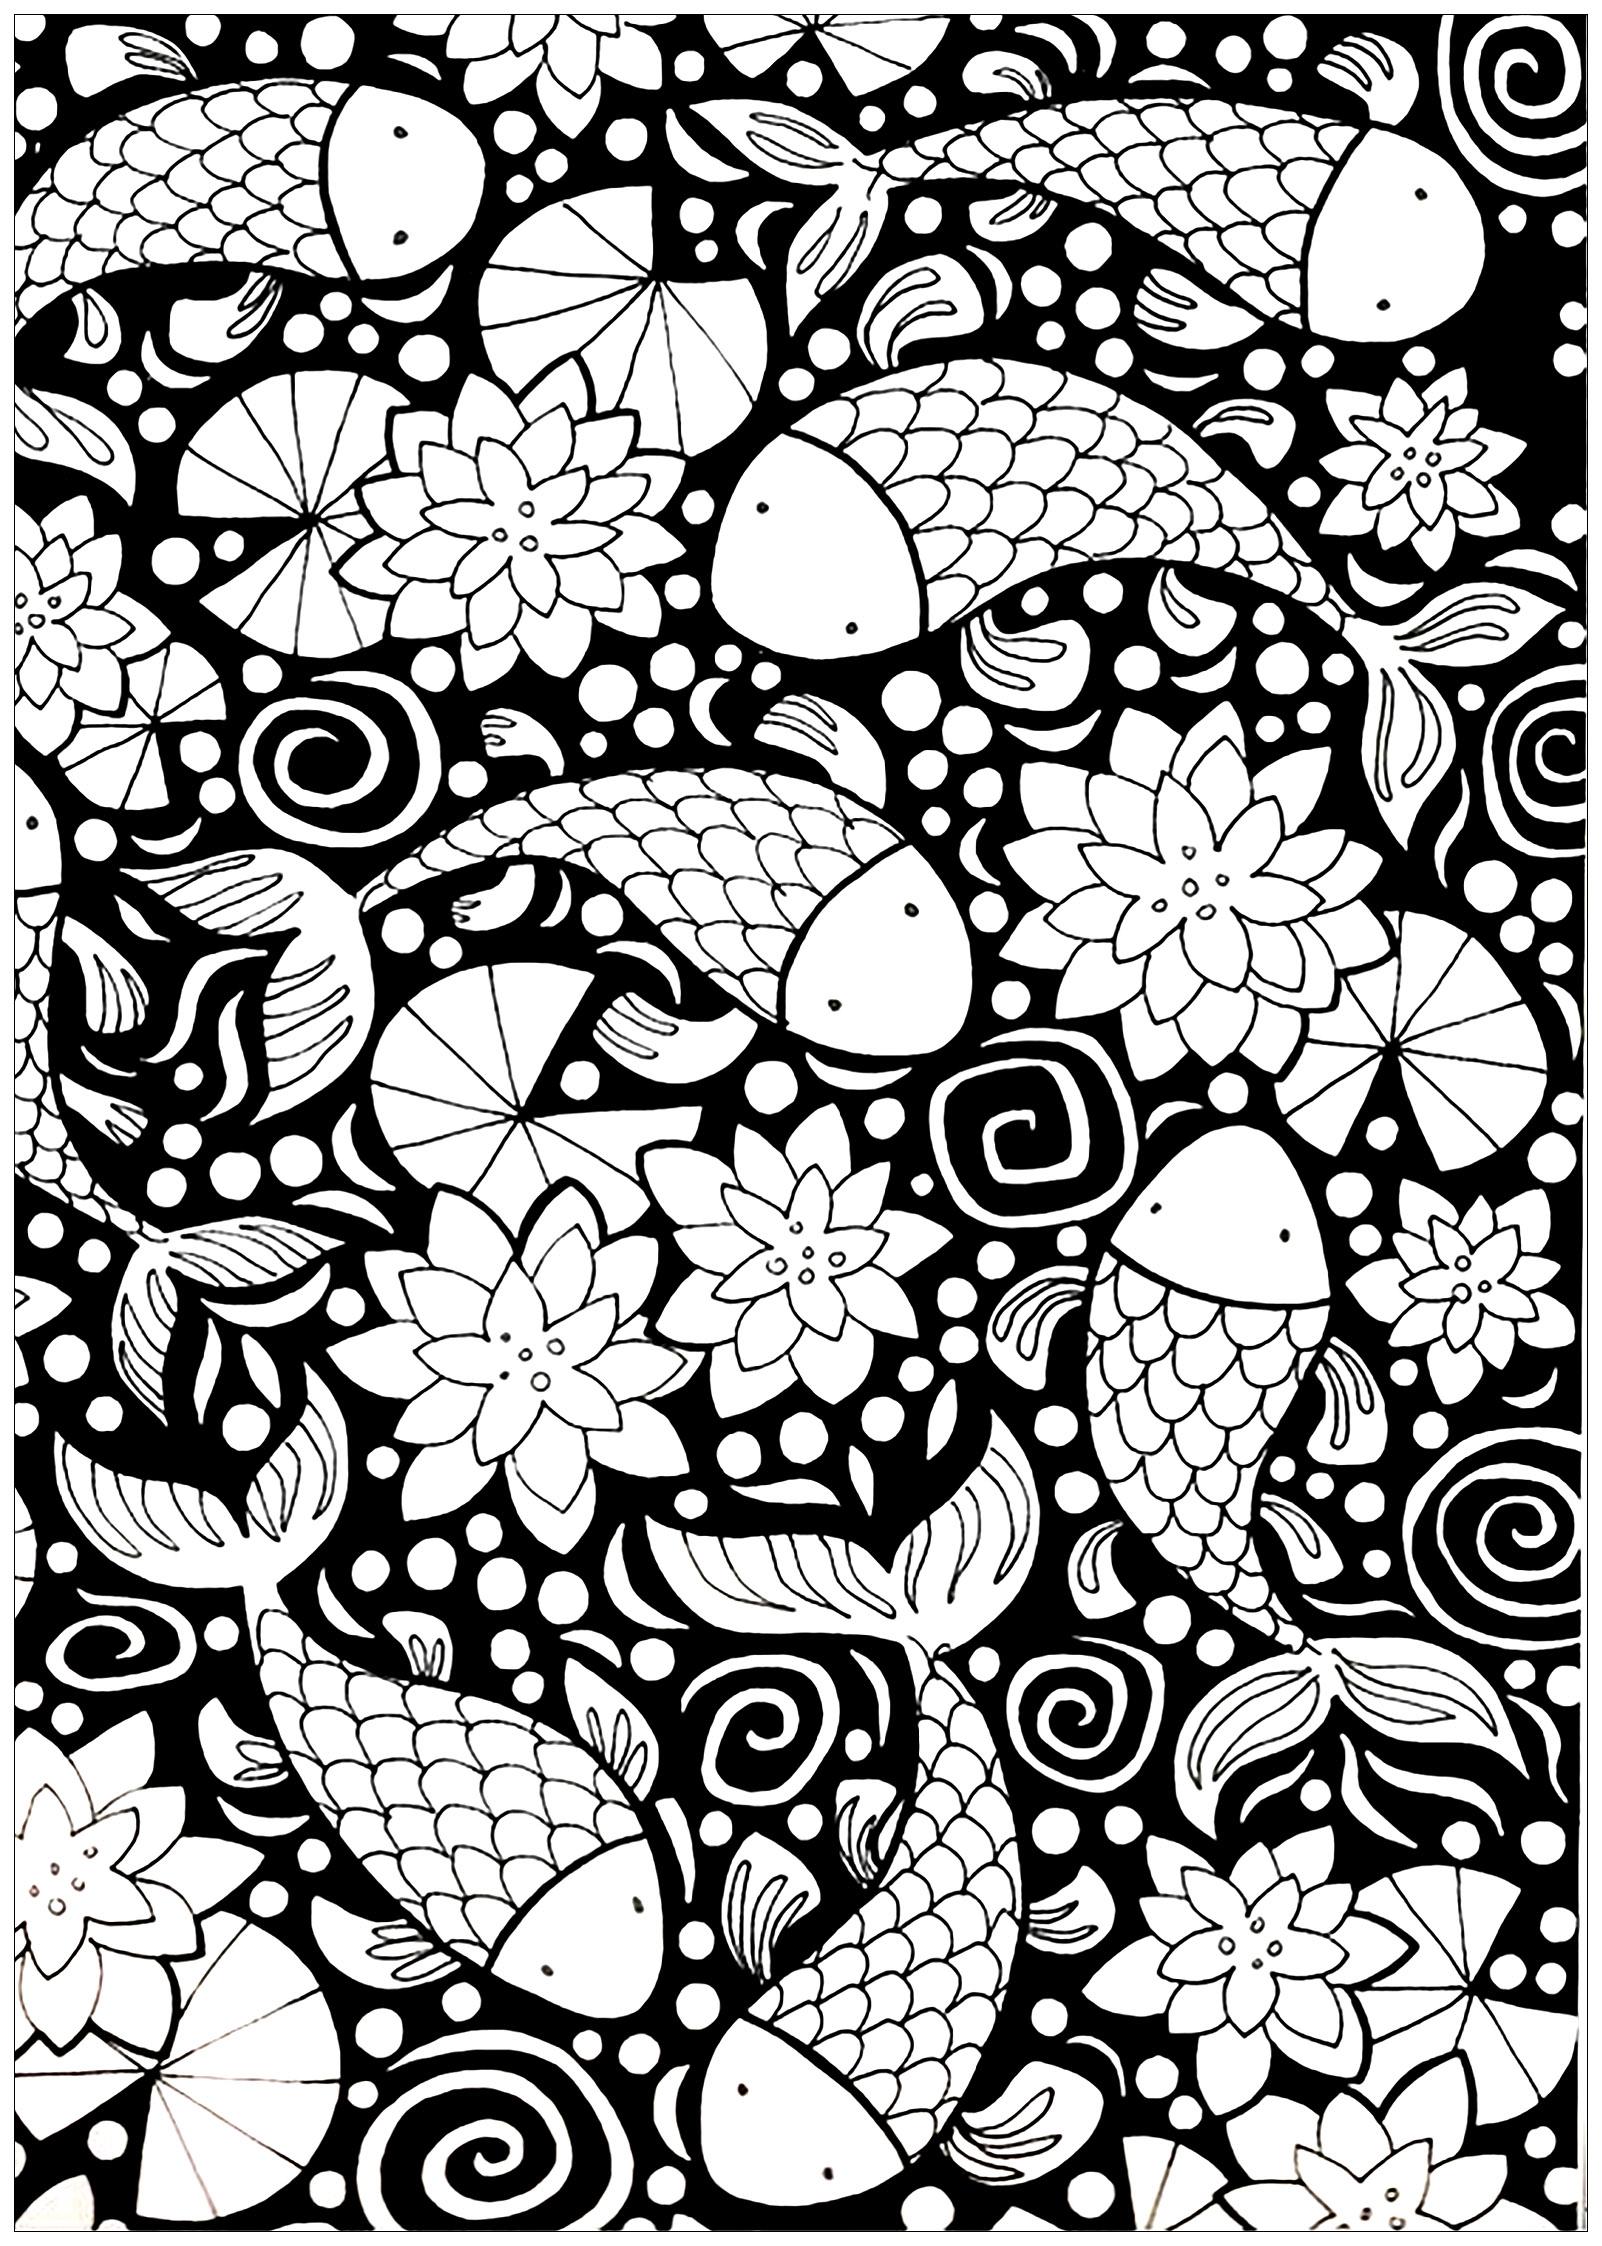 Poissons sur un fond noir poissons coloriages - Poissons a colorier ...